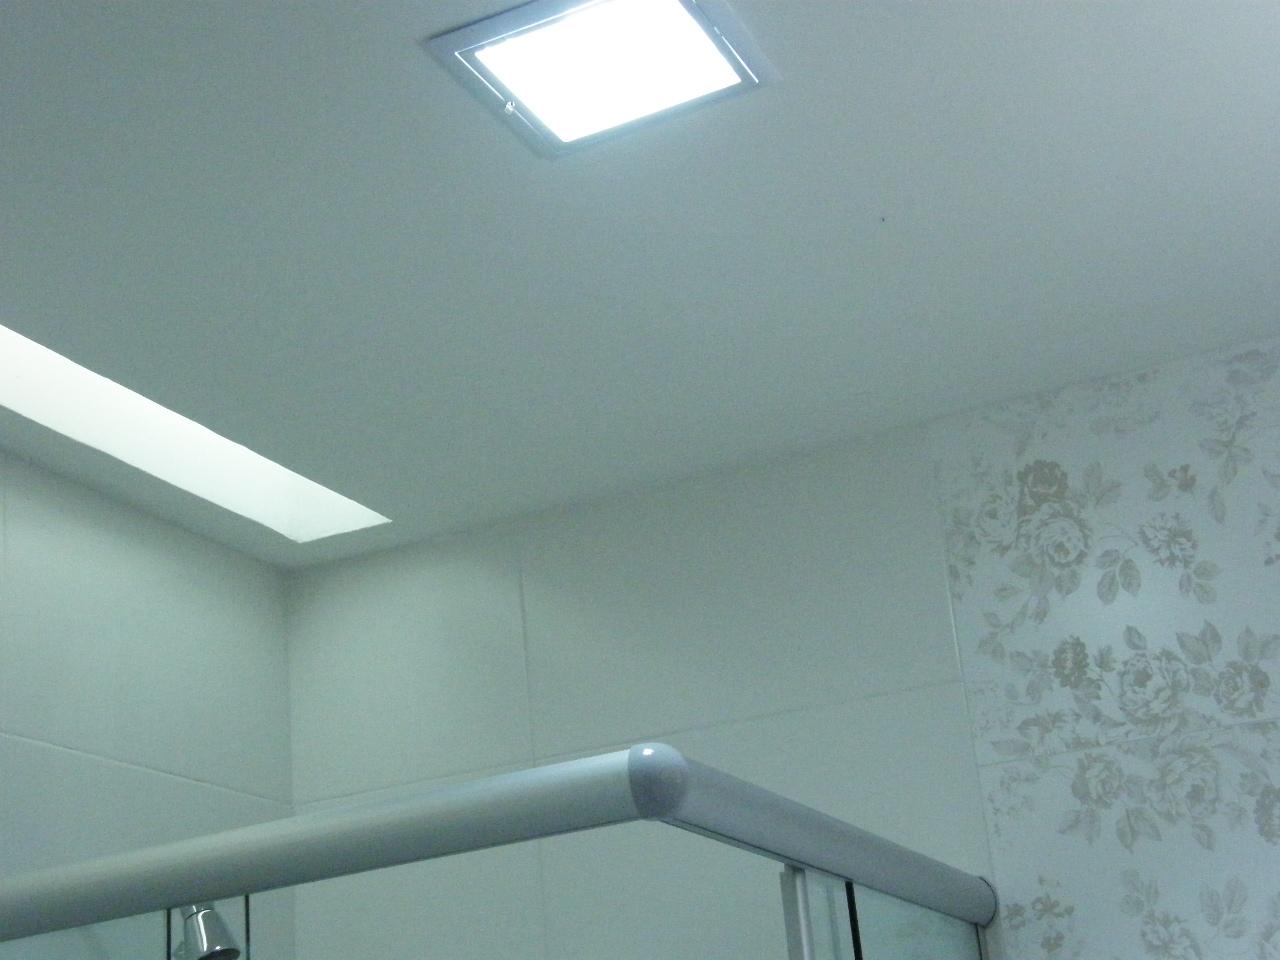 iluminação ficou igual nos dois banheiros. uma luminária central  #498272 1280 960